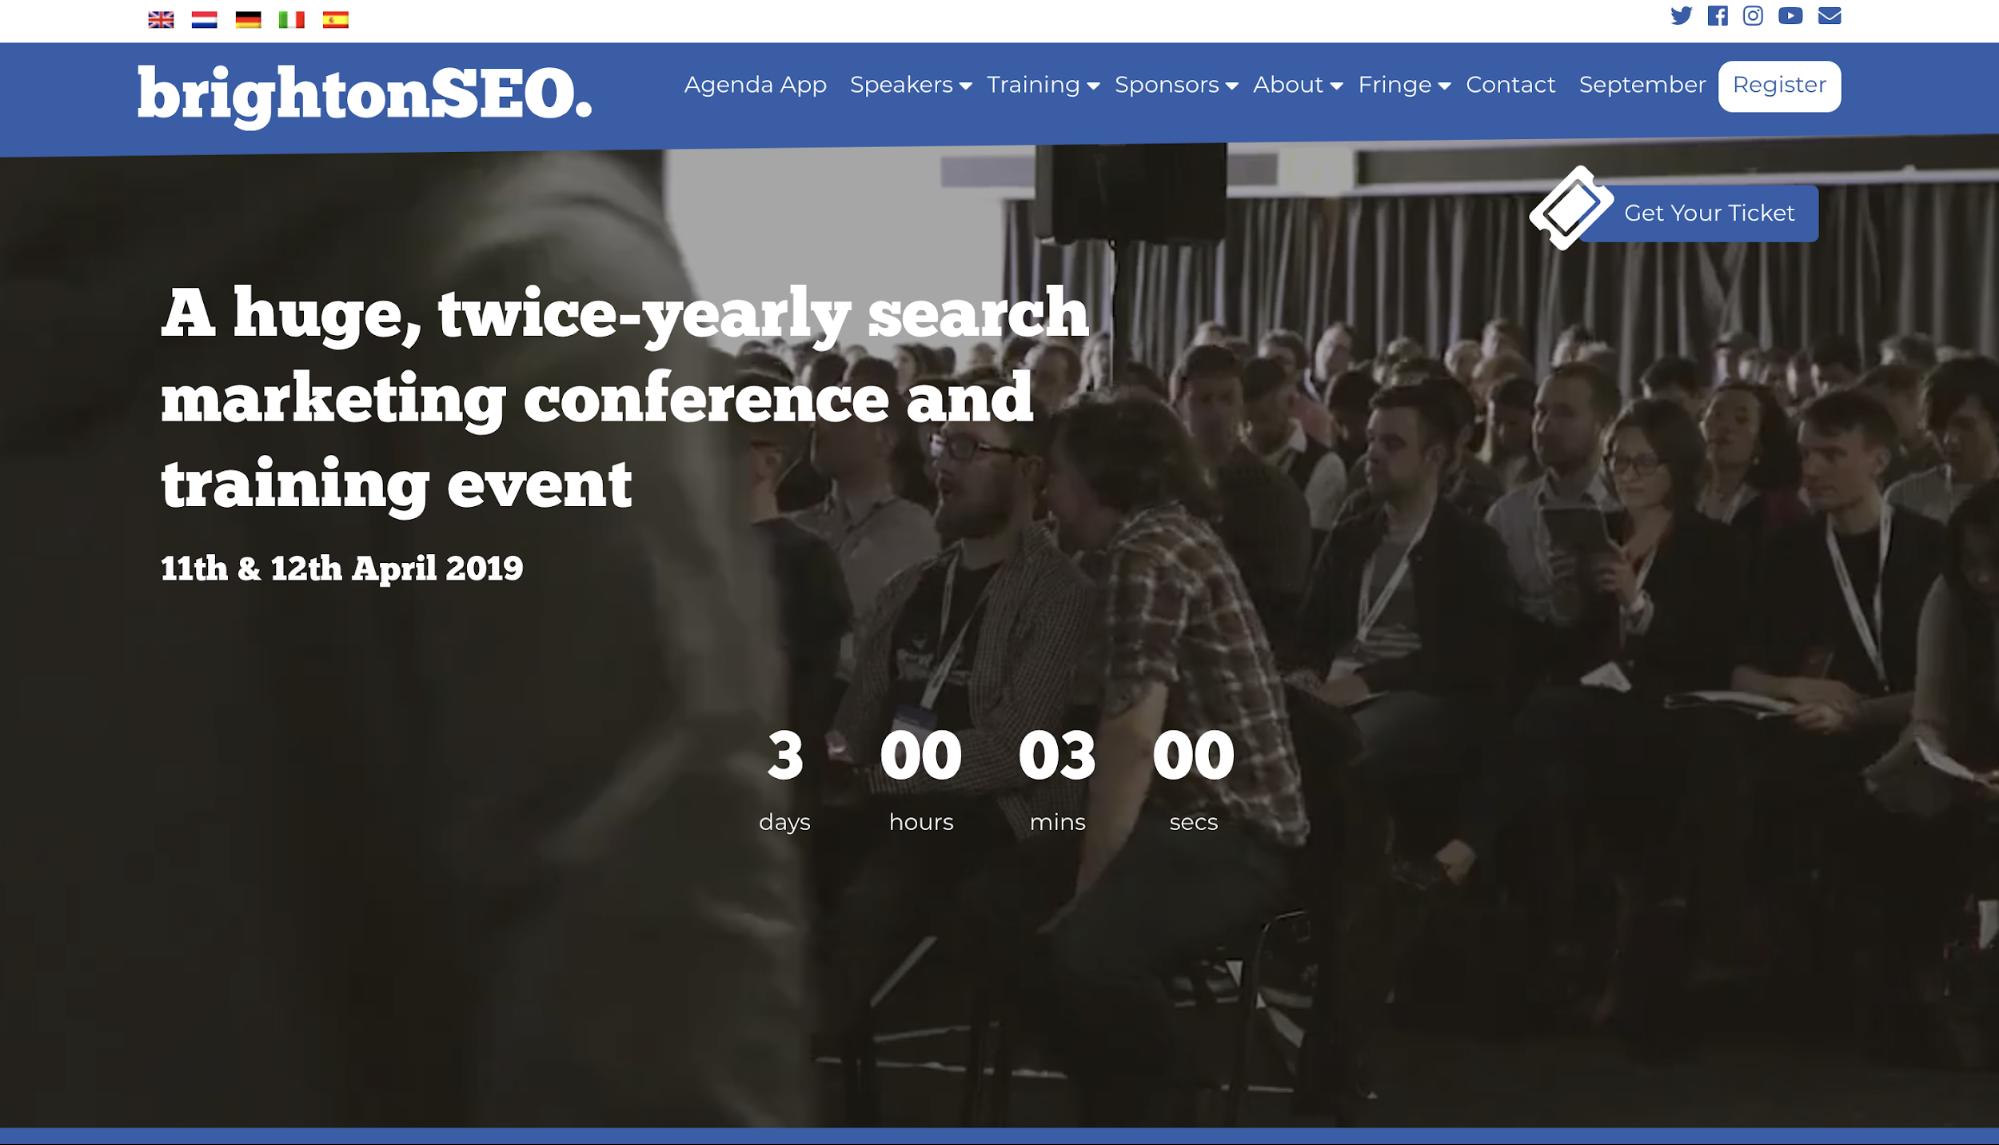 ヨーロッパ最大のSEOカンファレンス、BrightonSEOに参加してきます。